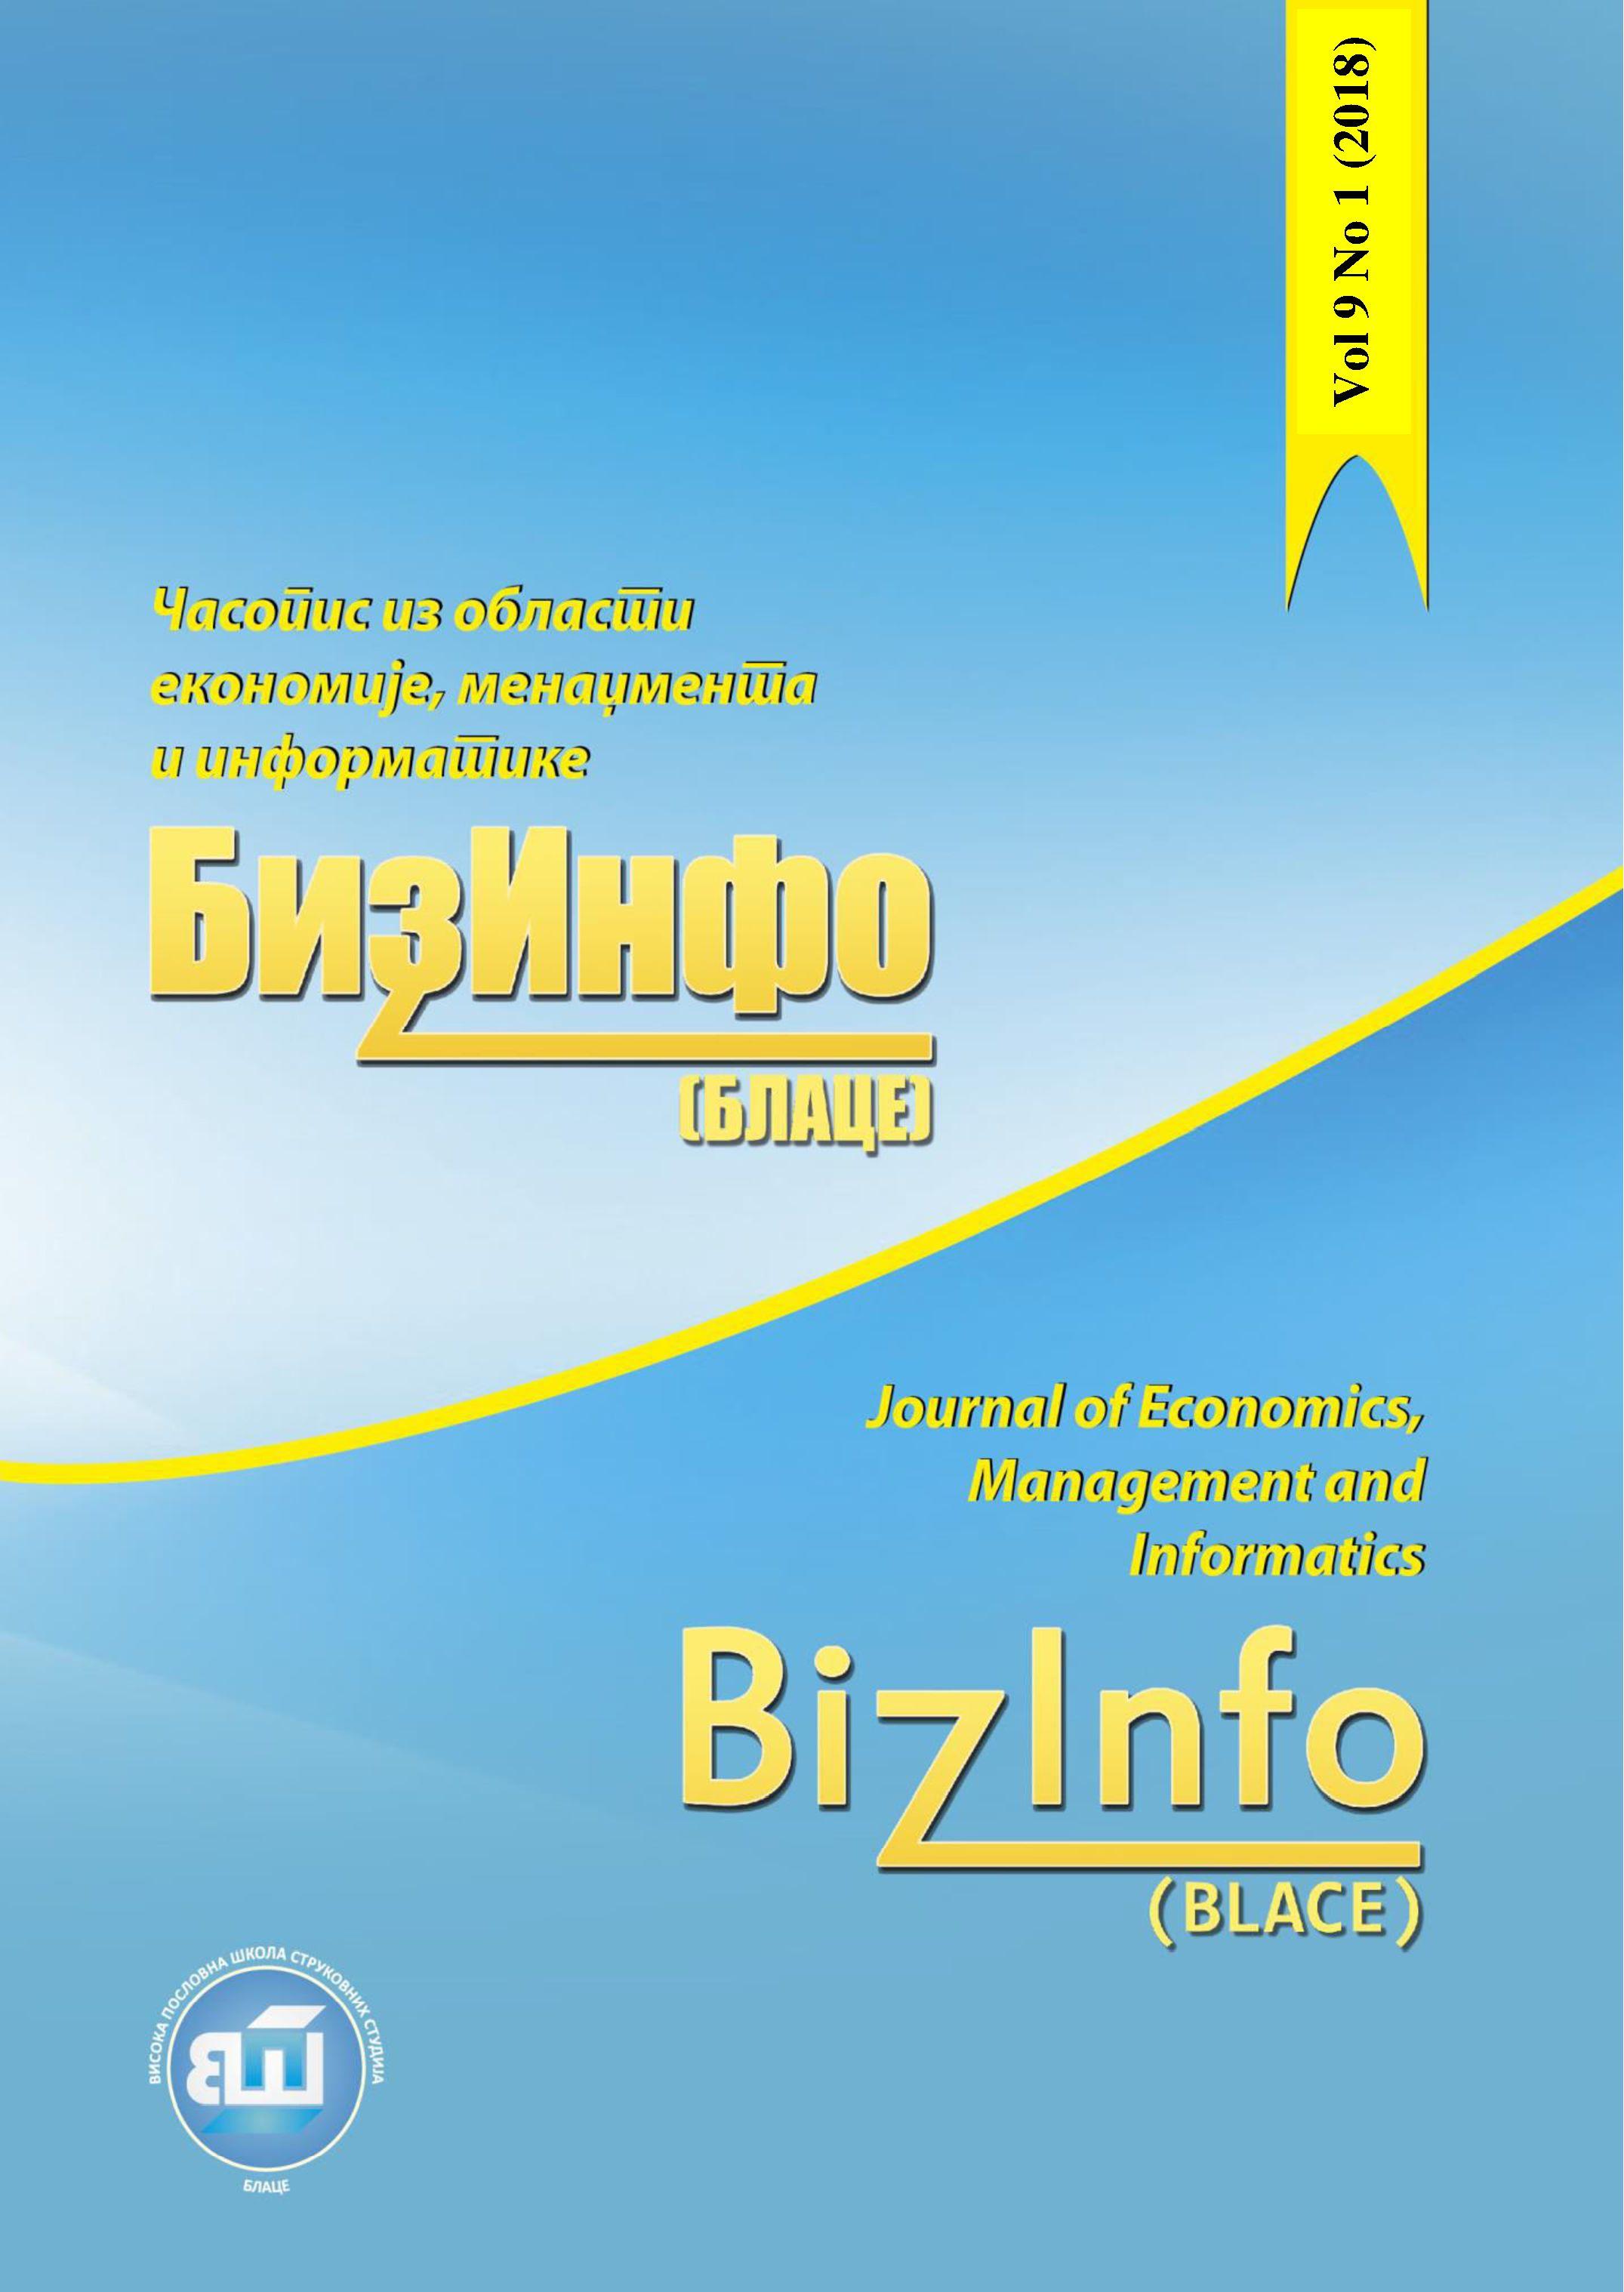 Vol 9 No 1 (2018): BizInfo (Blace) Journal of Economics, Management